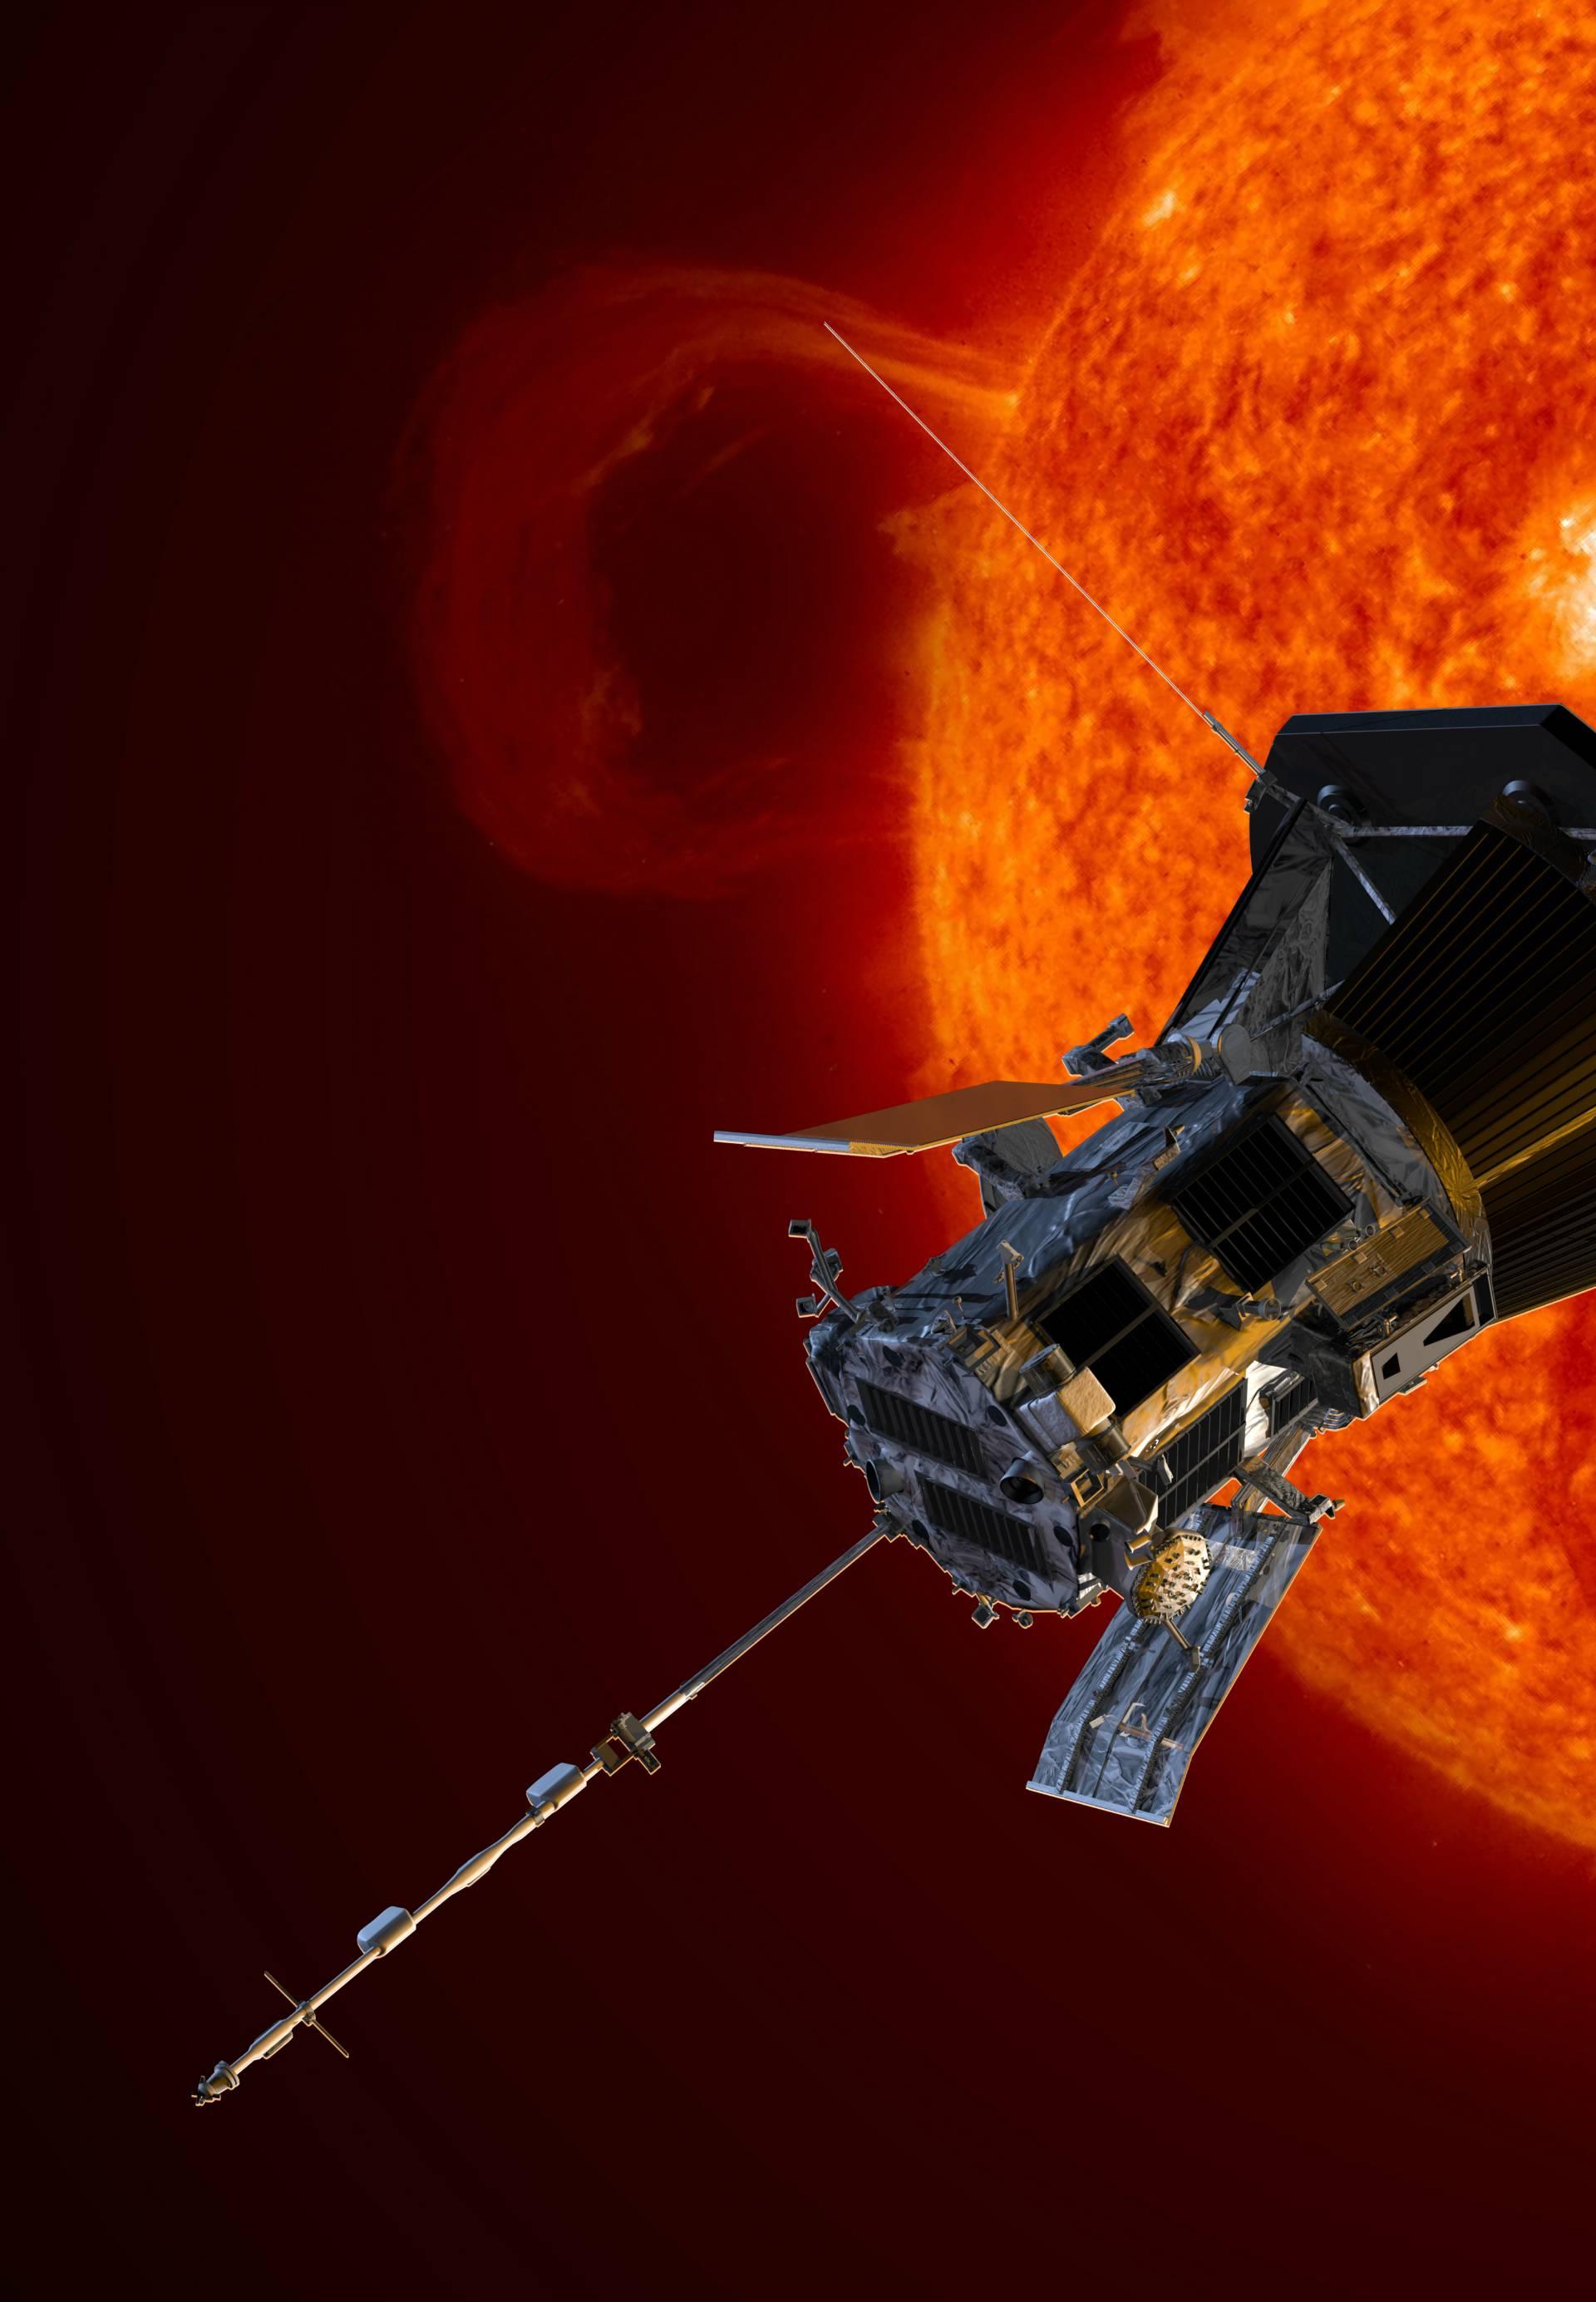 Sunce ušlo u novi 25-godišnji ciklus: Sunčeve oluje mogle bi ugroziti satelite i astronaute